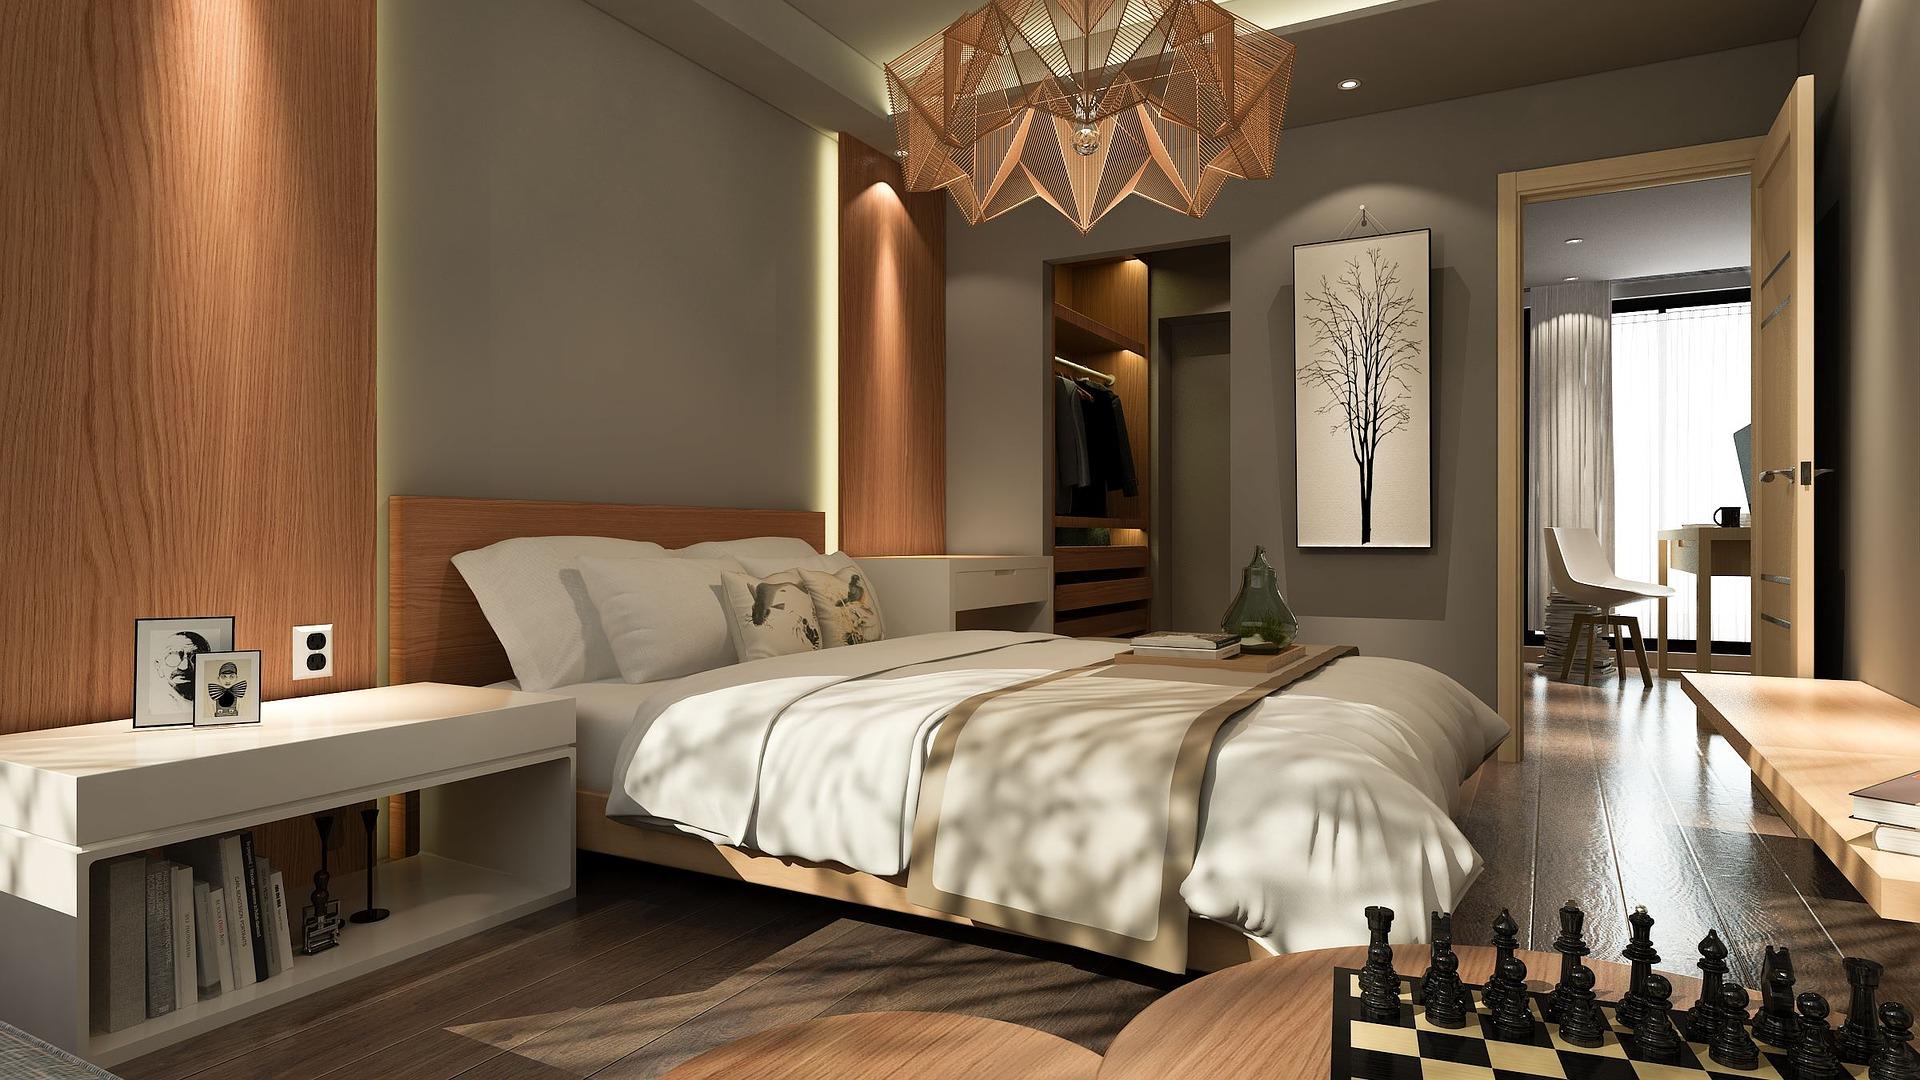 bedroom-1807837_1920